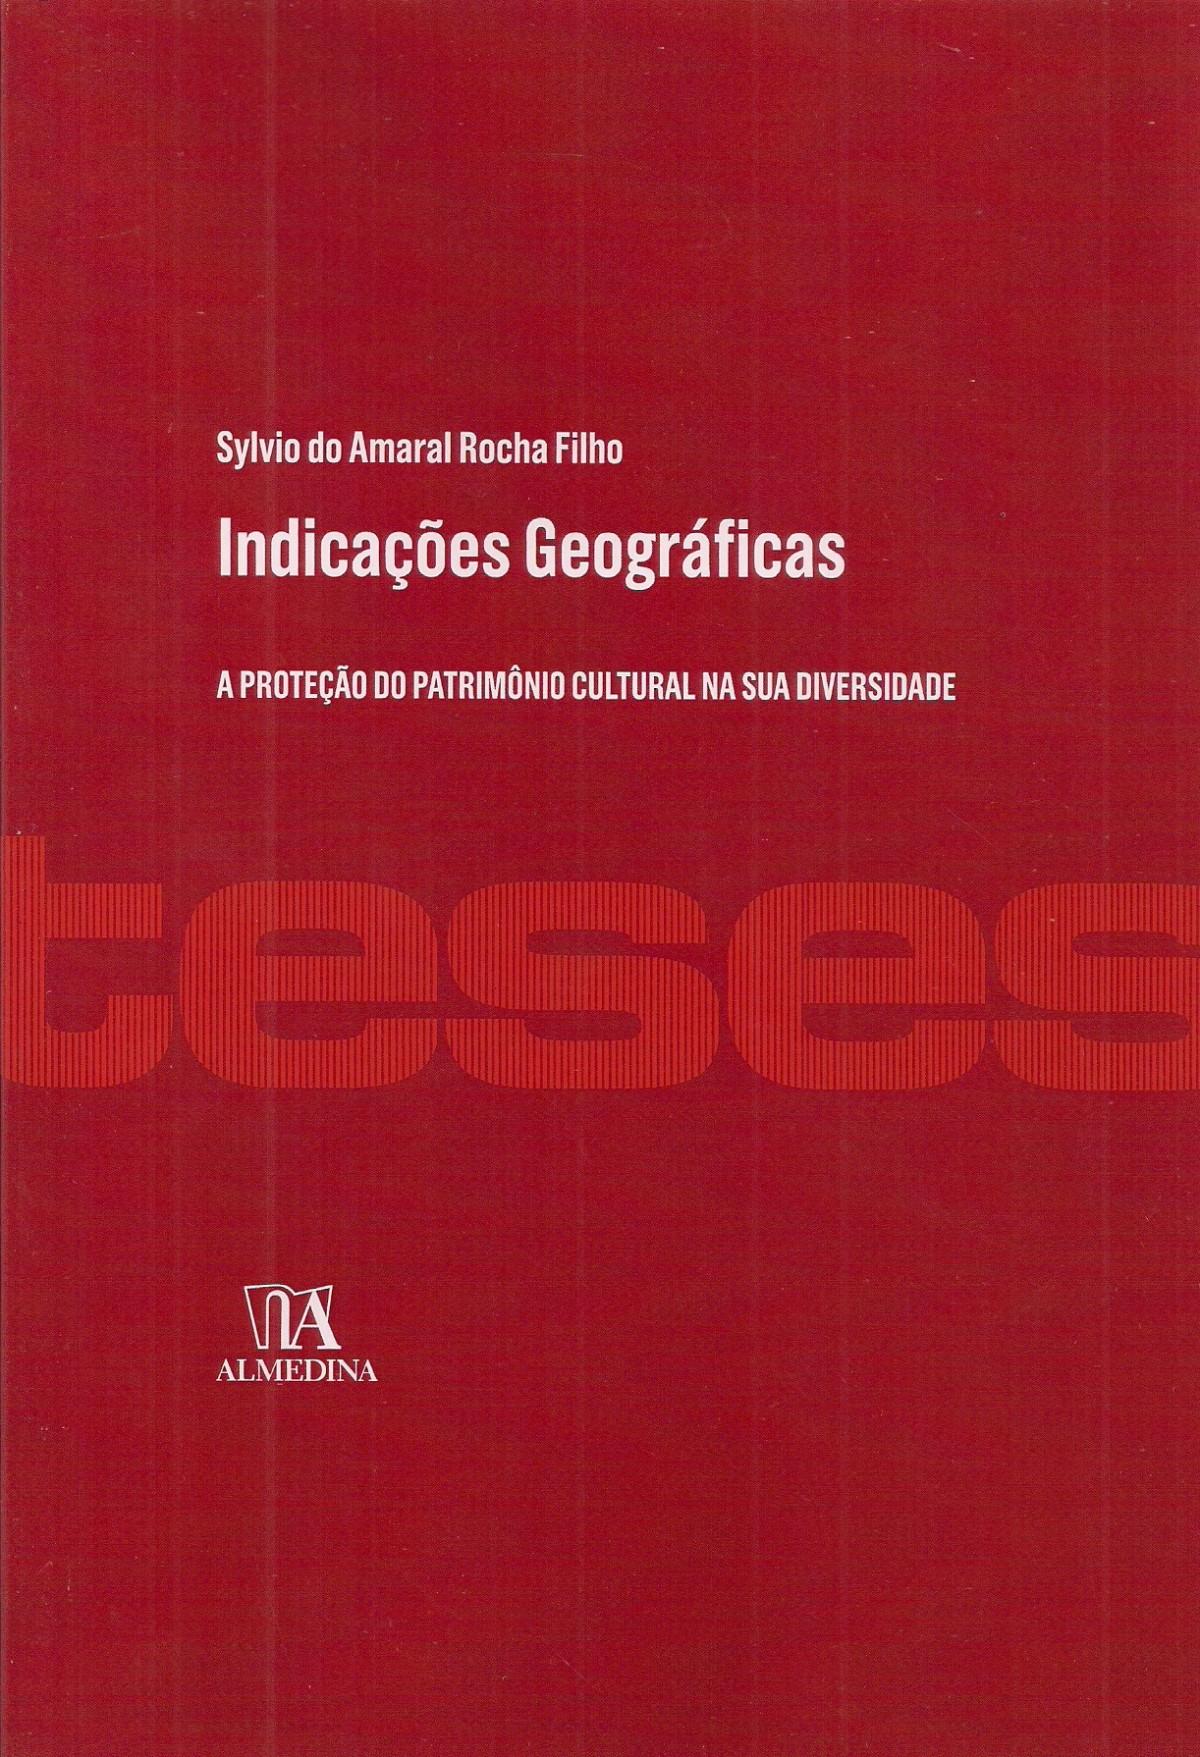 Foto 1 - Indicações Geográficas - A proteção do patrimônio cultural na sua diversidade